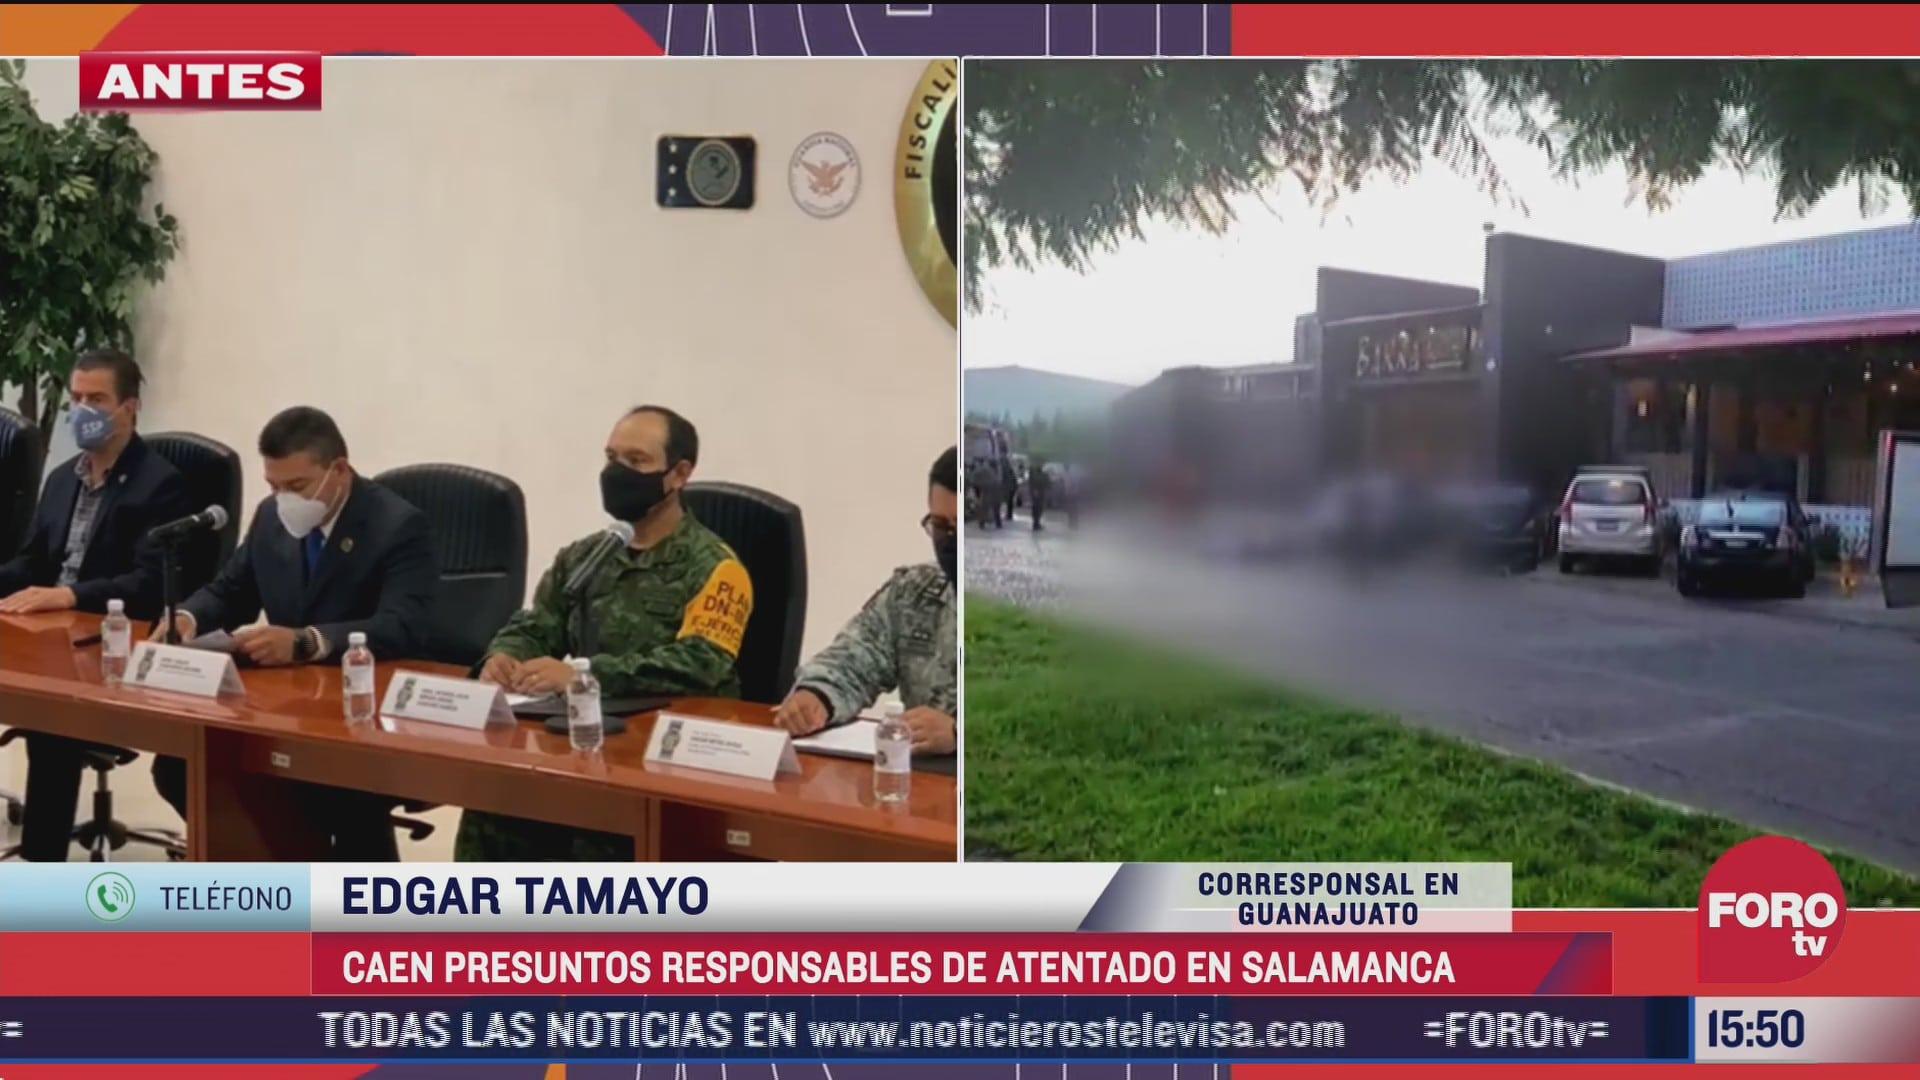 georgina n y eduardo n detenidos como posibles responsables de explosion de artefacto en salamanca guanajuato